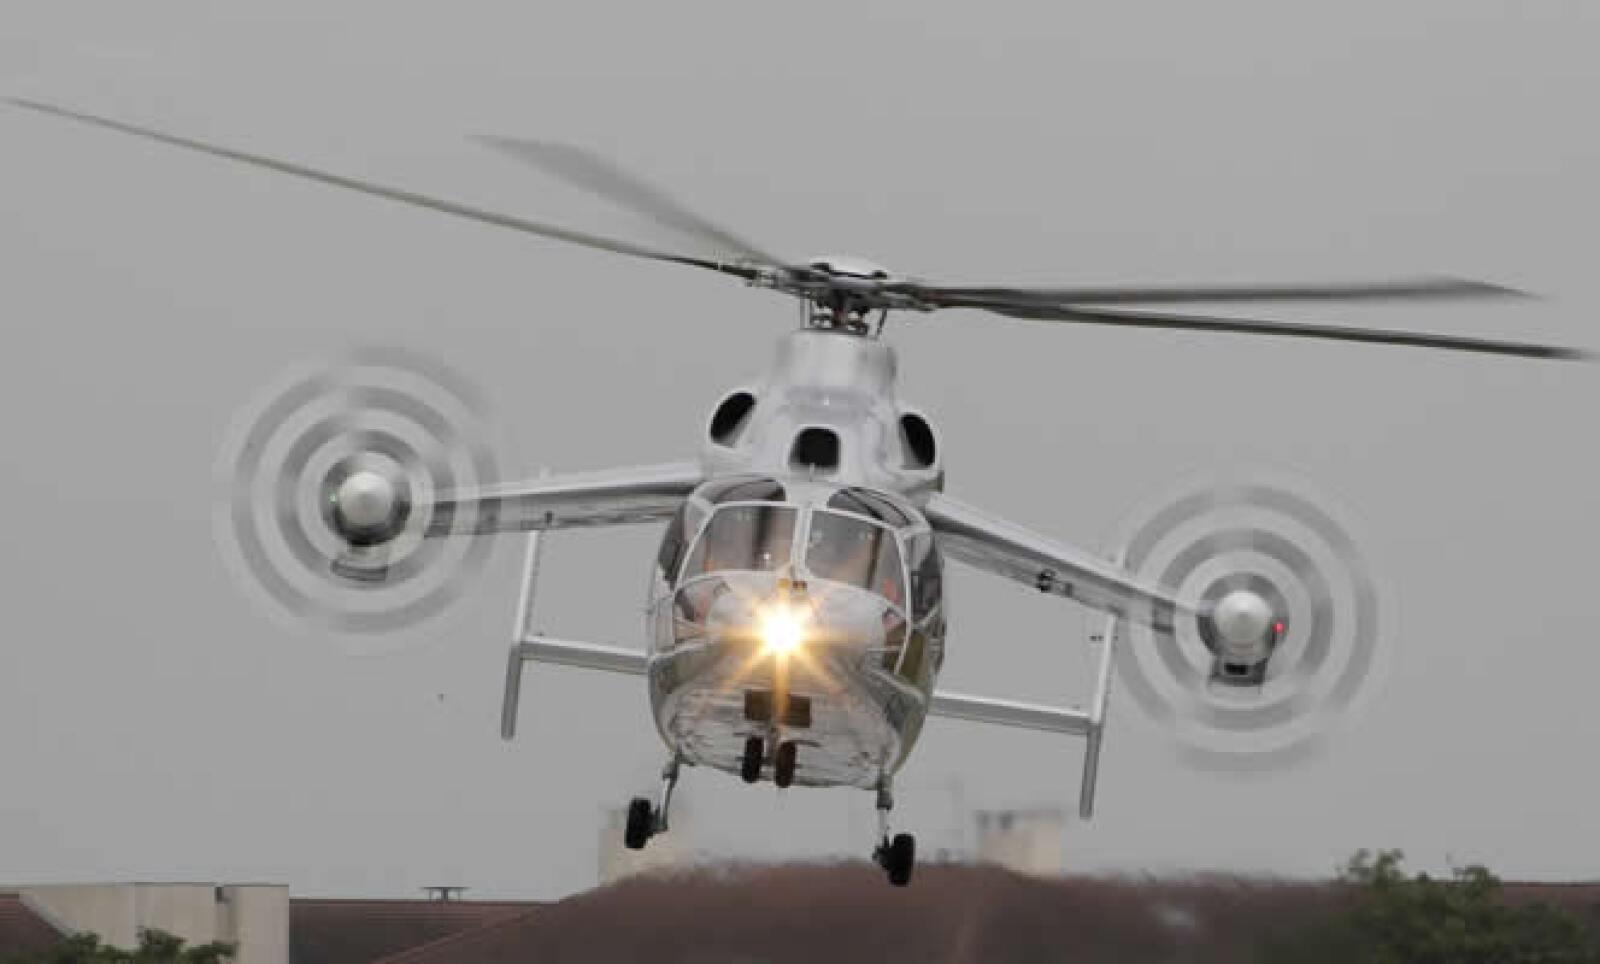 Un helicóptero 'Eurocopter X3' participa en una exhibición de vuelo para el presidente francés, Nicolas Sarkozy.